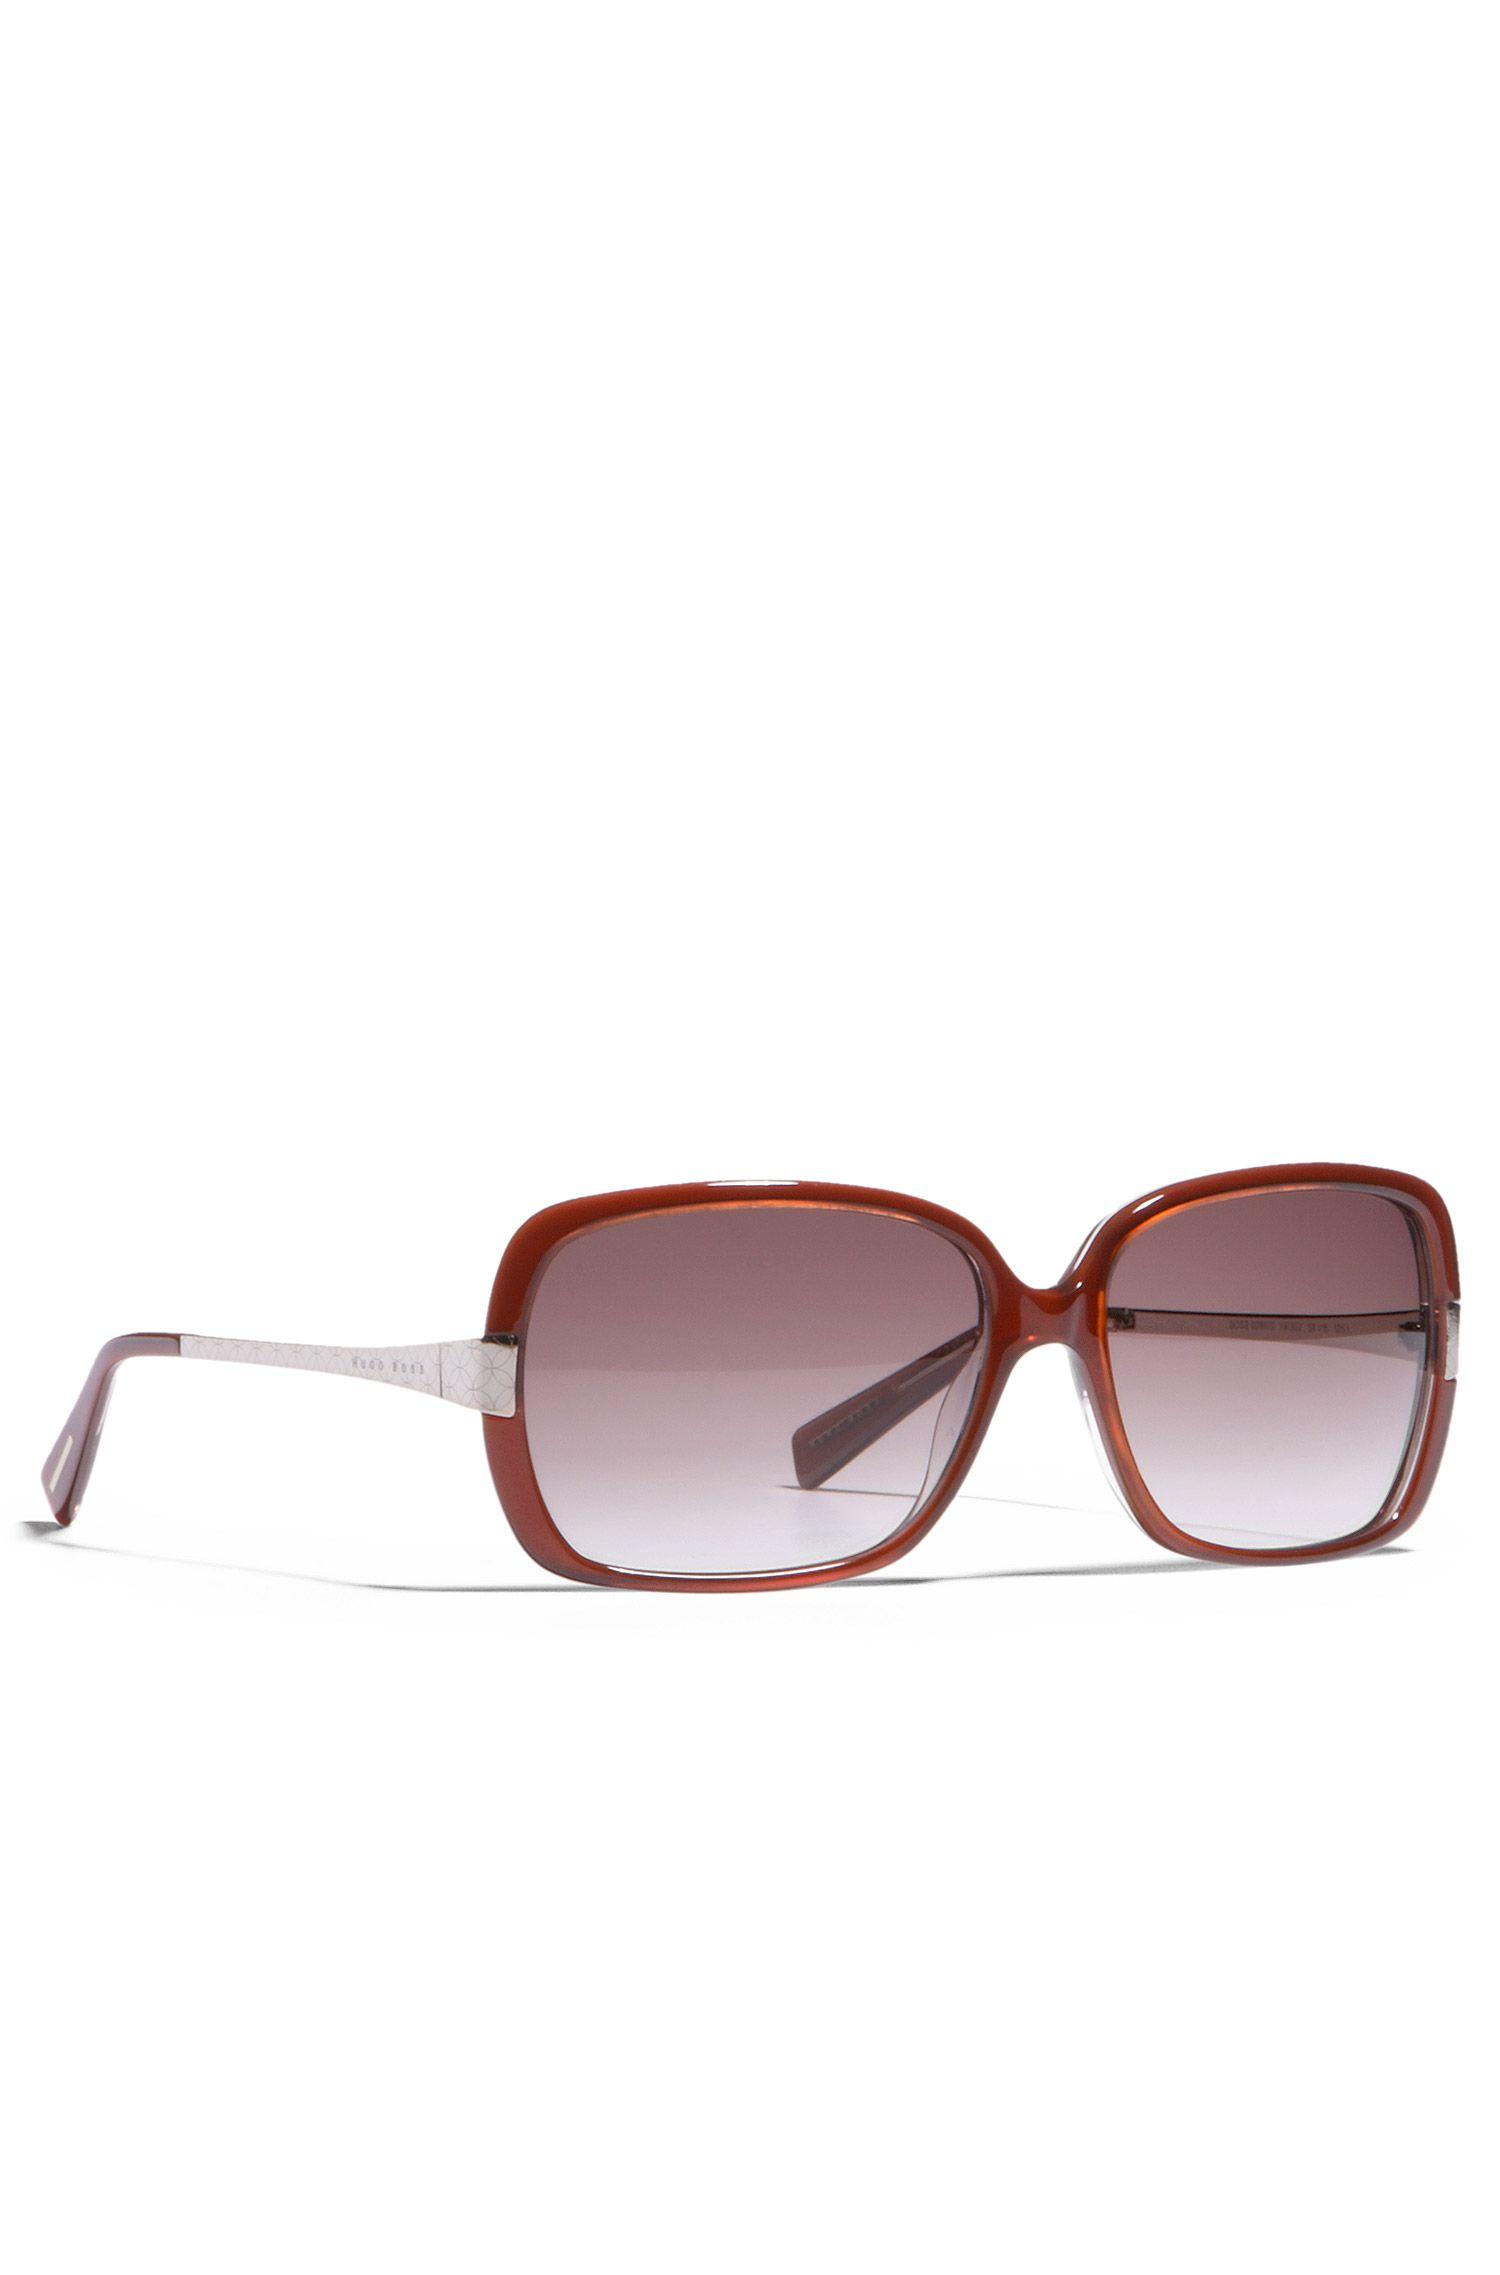 Damensonnenbrille im 70er Jahre-Look